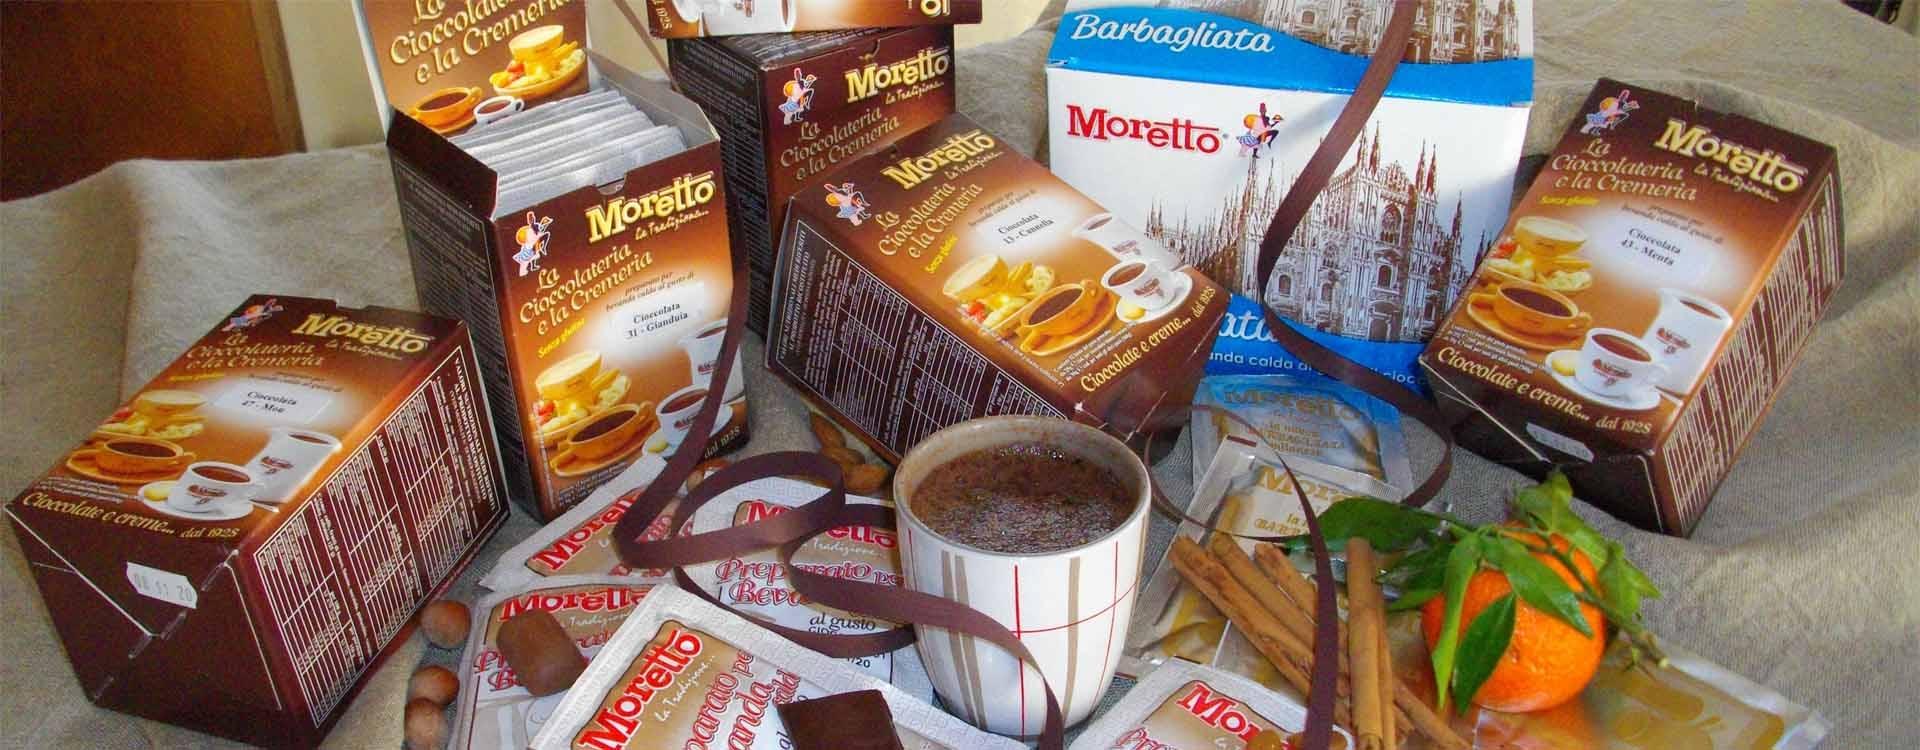 Pour les gourmands, les produits Moretto !